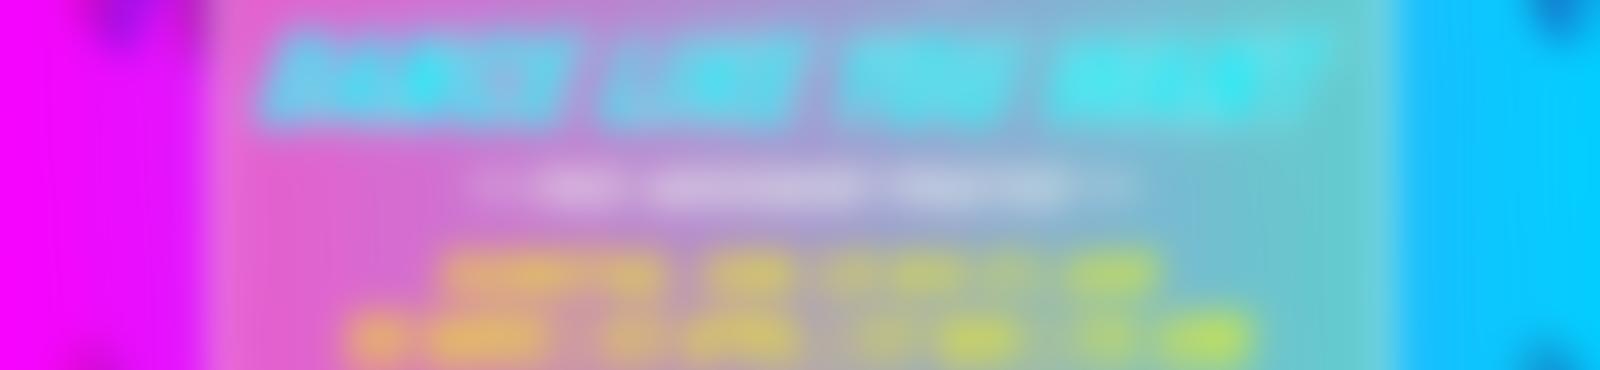 Blurred c96d9a69 e42e 4bc1 b349 98972333b5a9